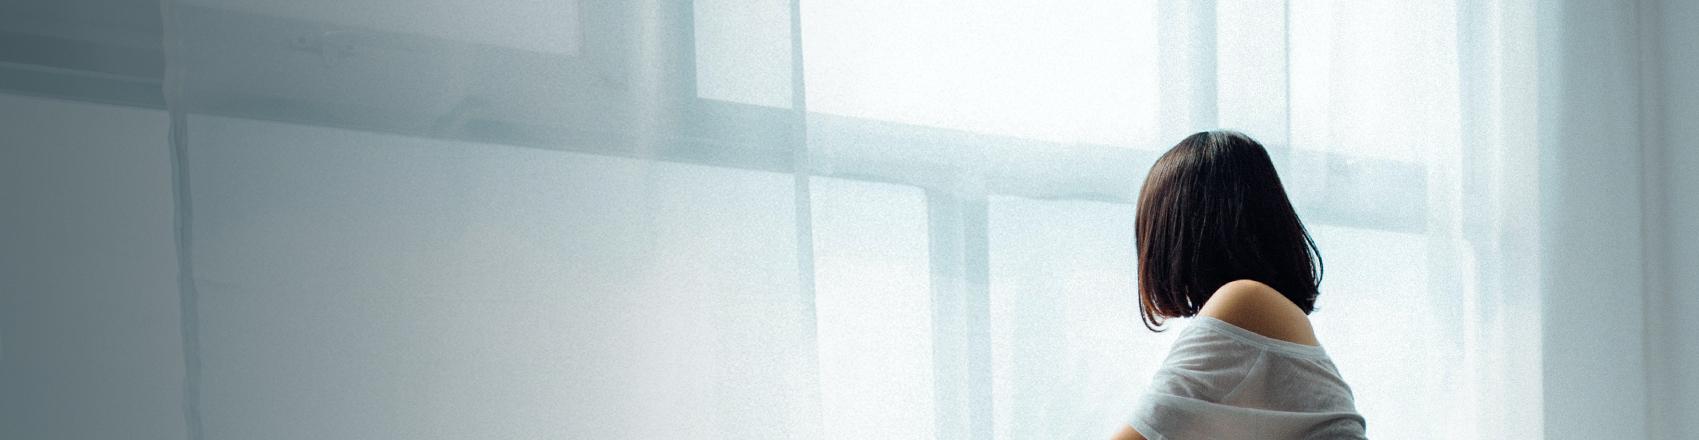 Eine Frau guckt aus einem Fenster